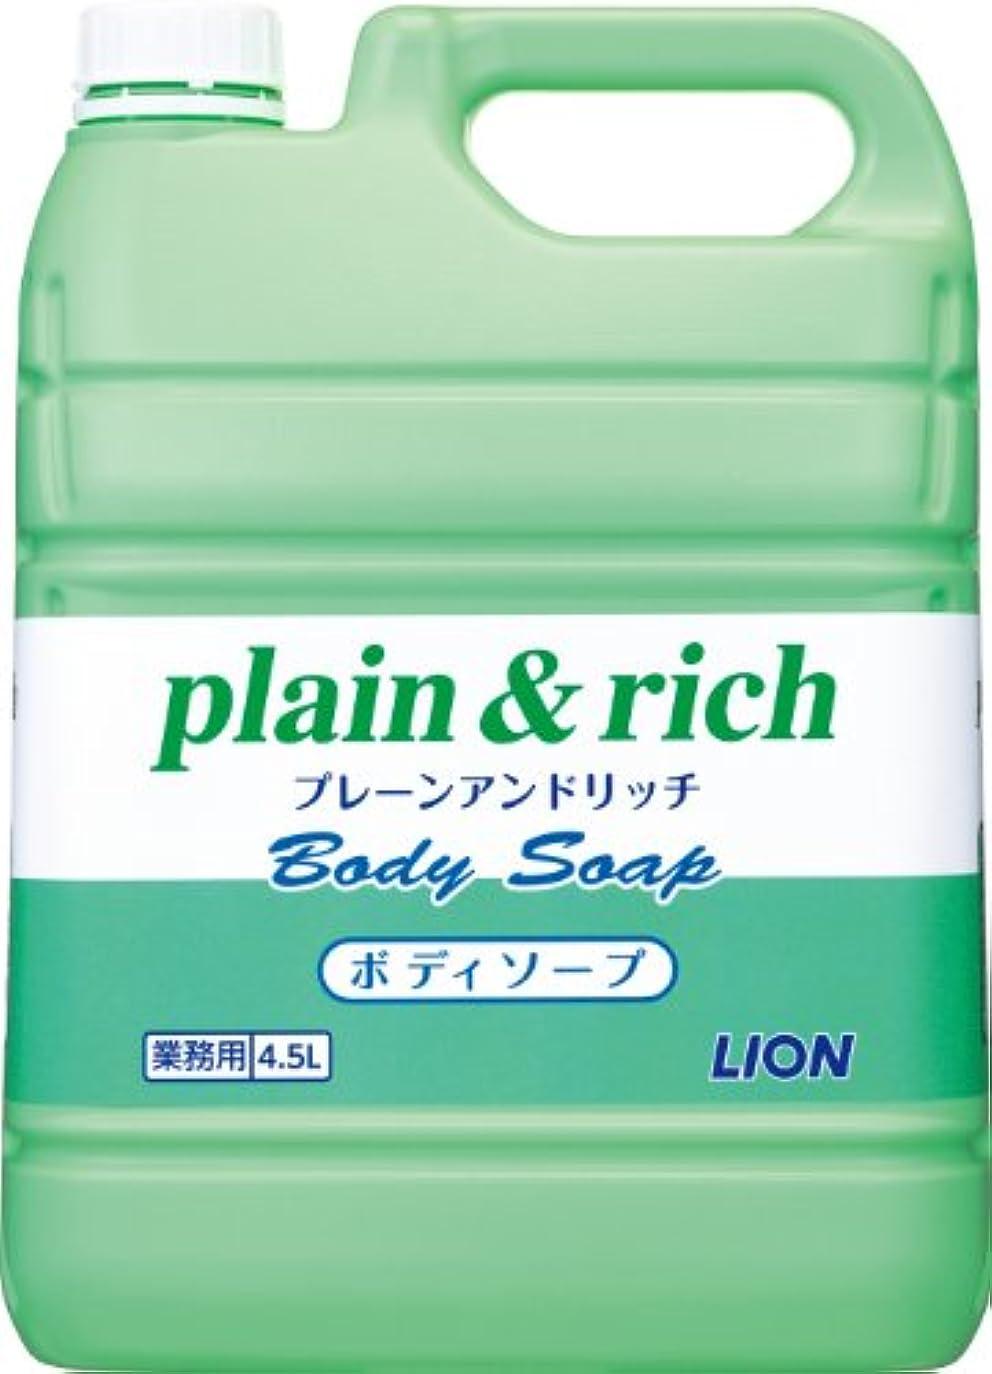 修理工乳剤同等の【業務用 大容量】プレーン&リッチ ボディソープ 4.5L